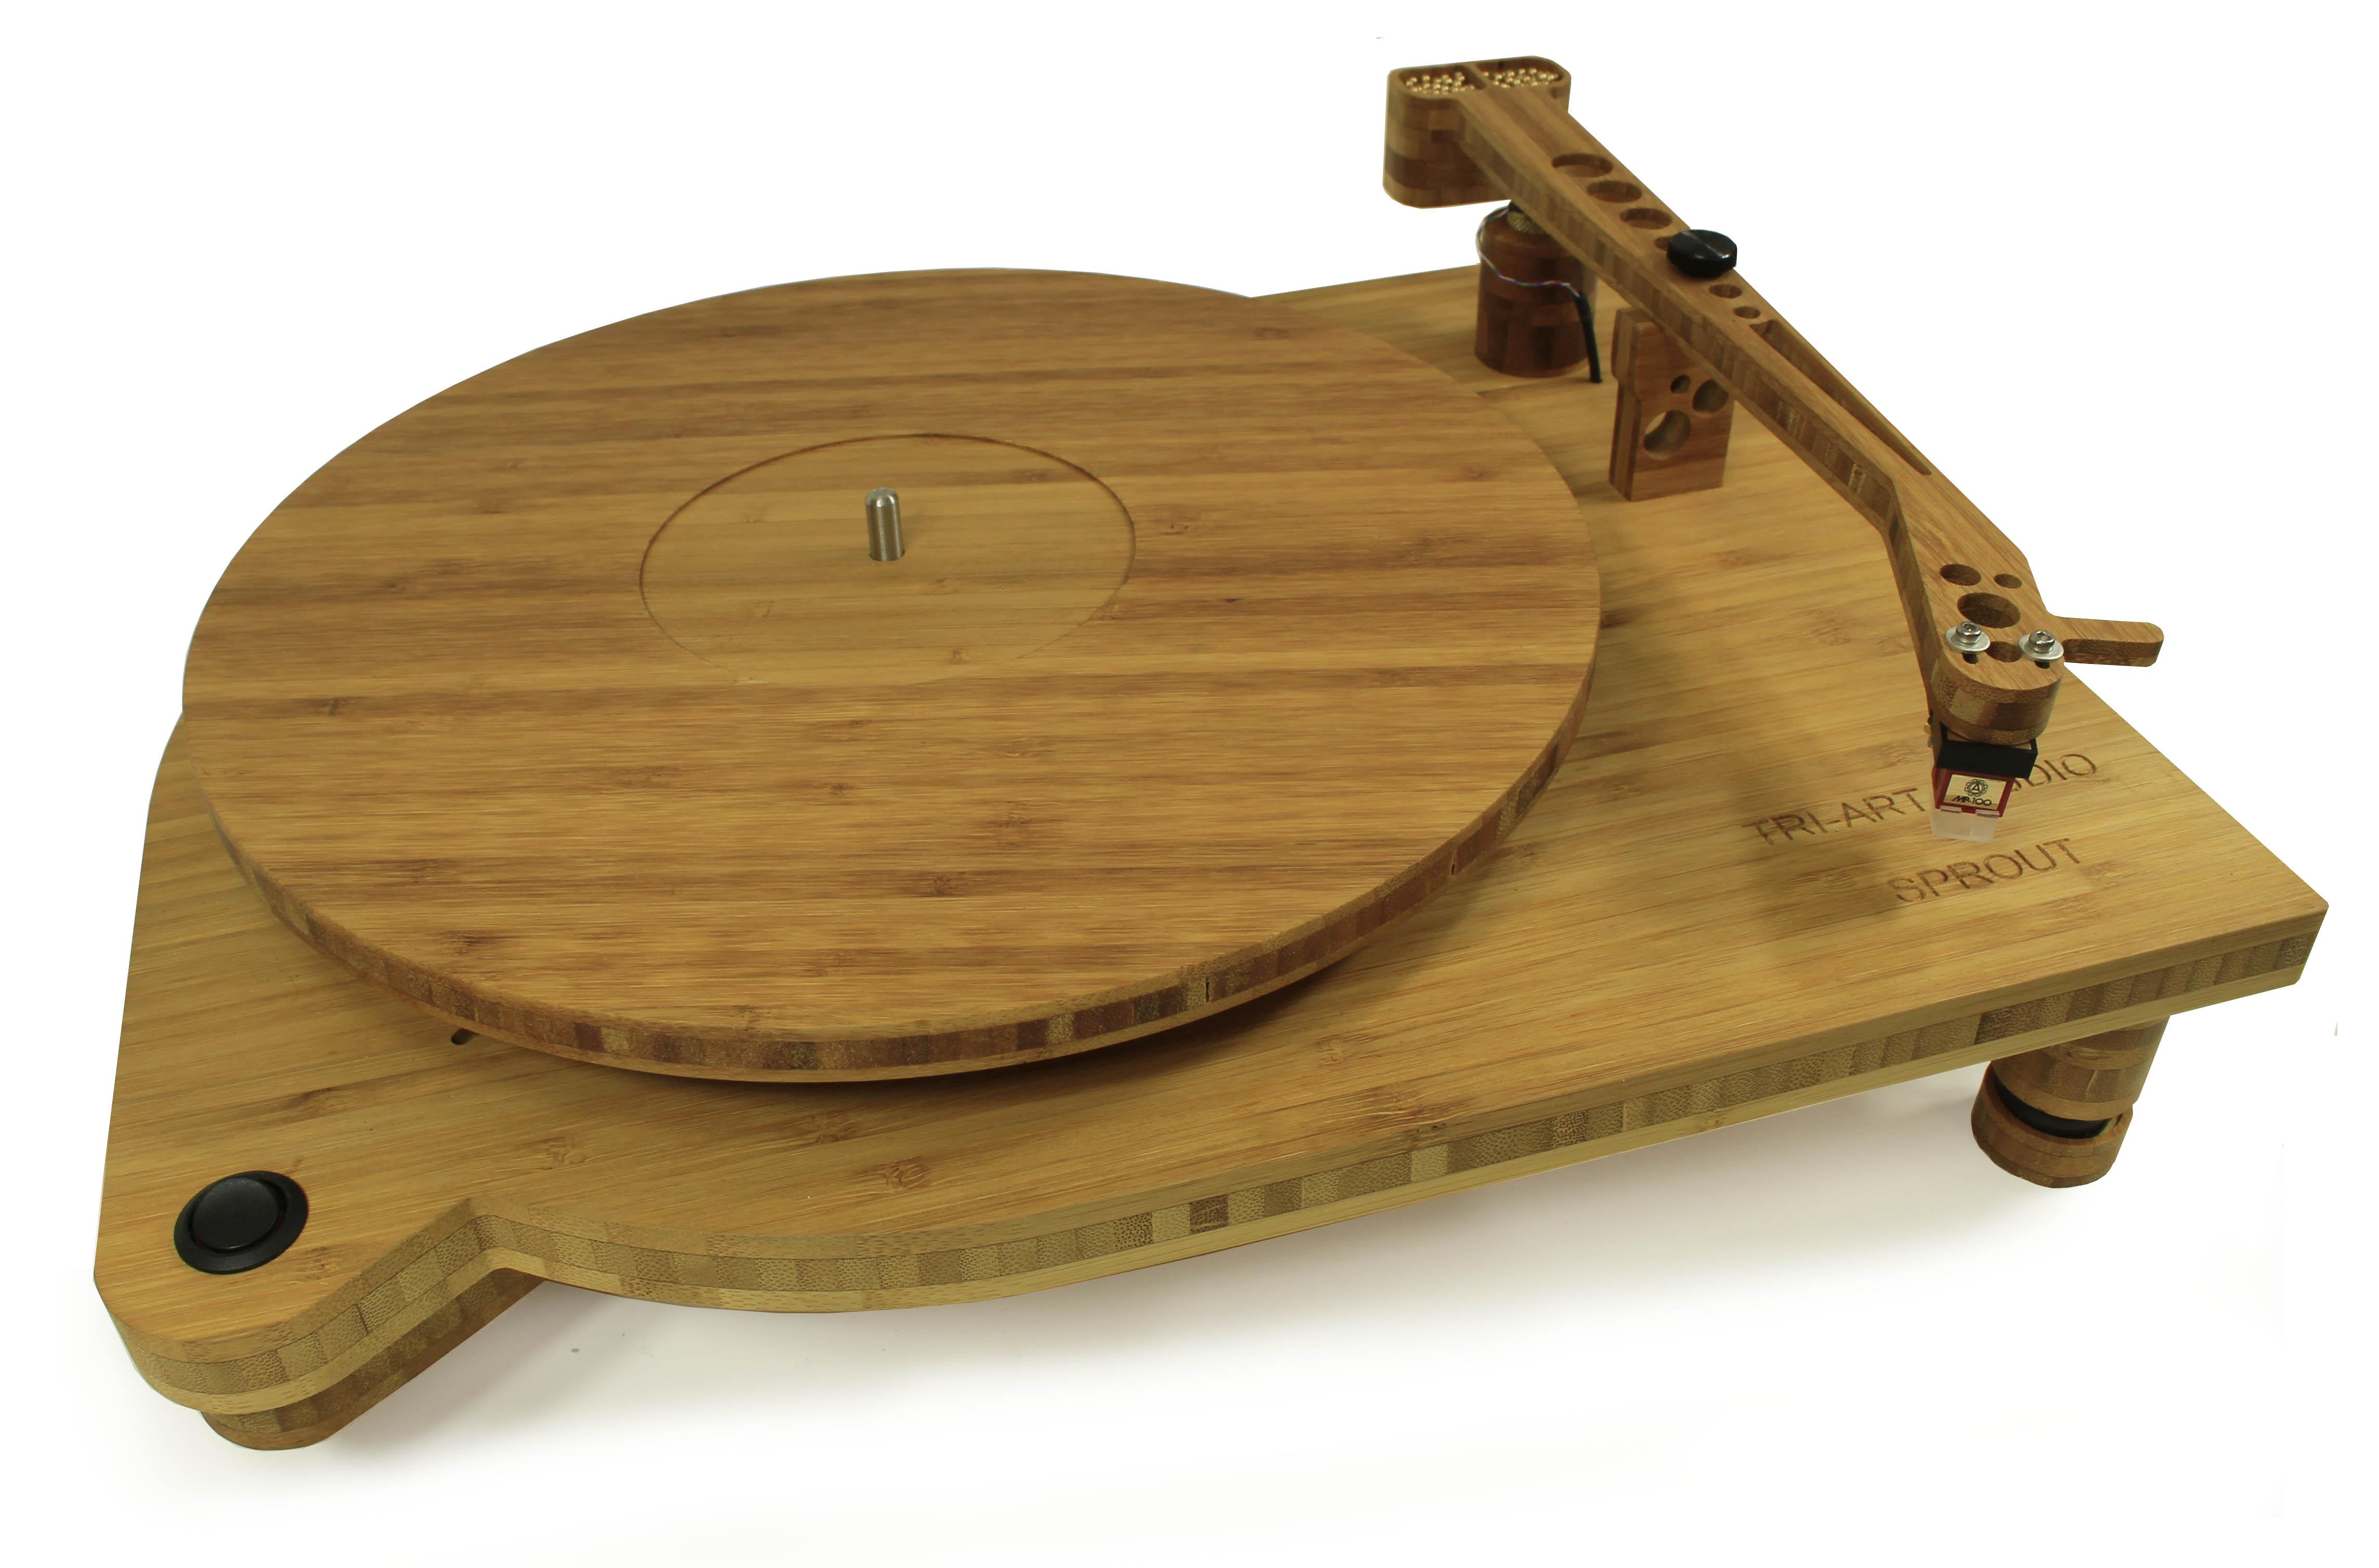 Tri-Art представили виниловый проигрыватель, полностью сделанный из бамбука